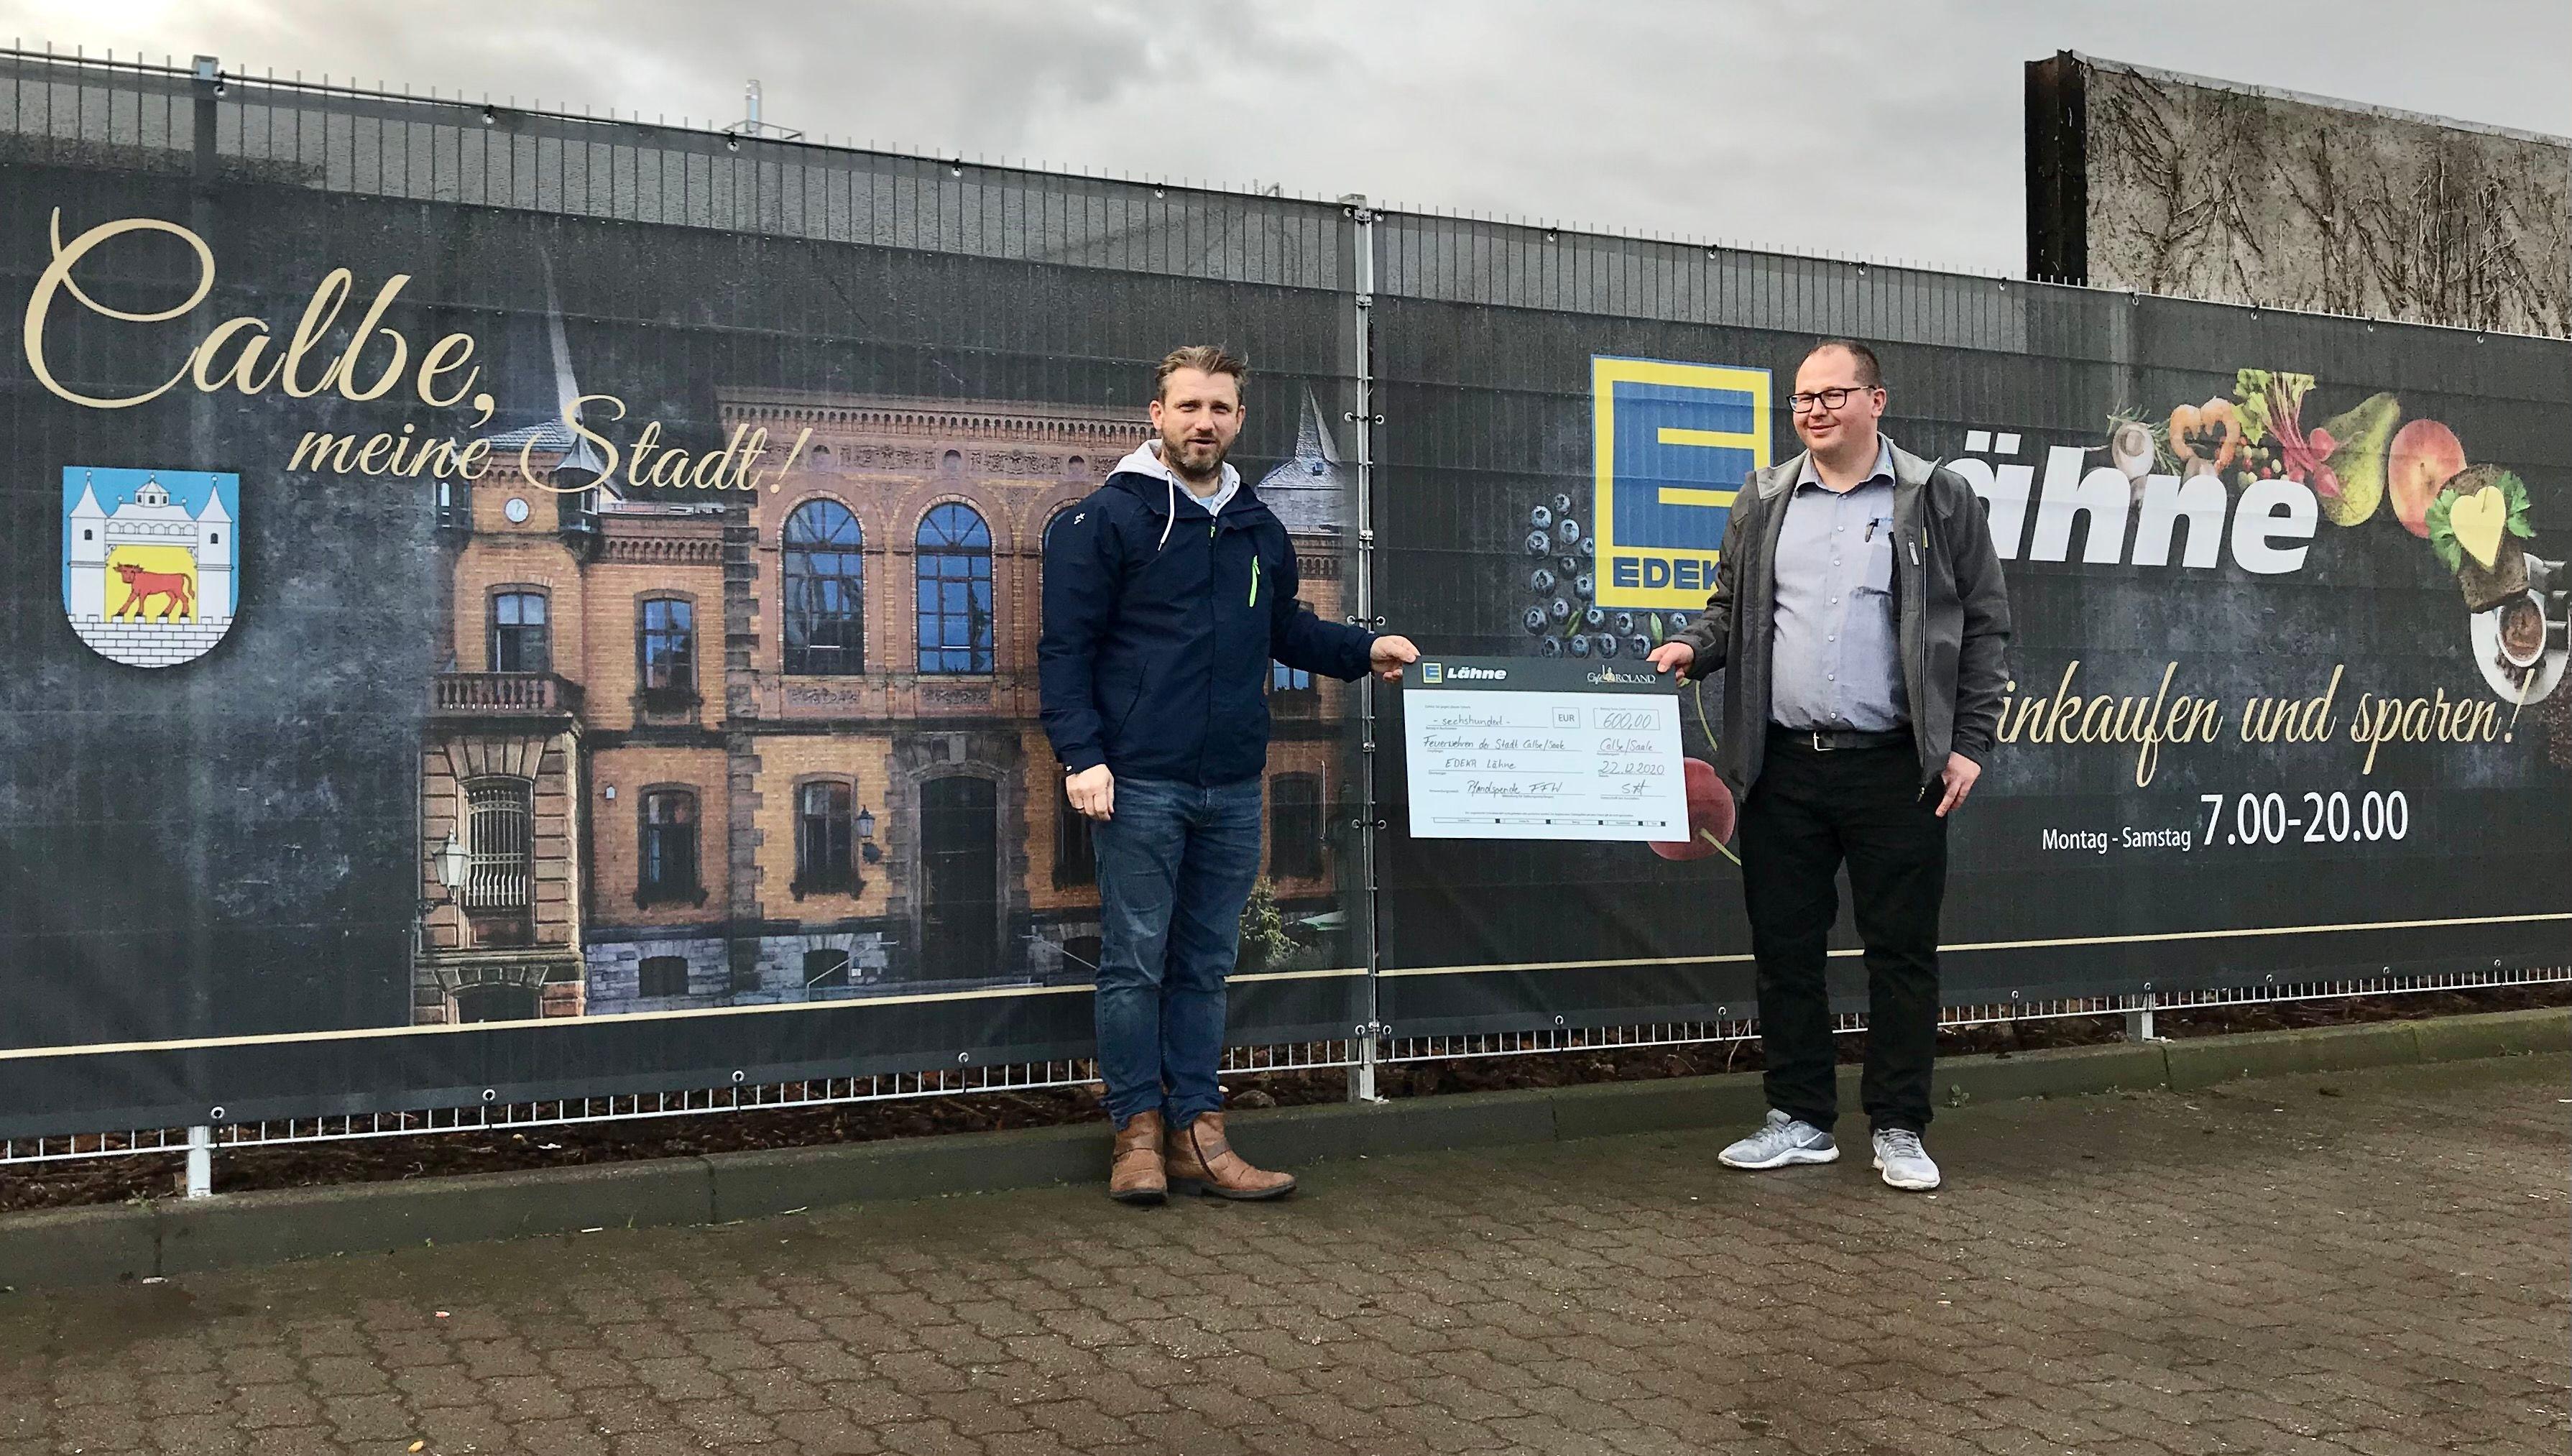 Bürgermeister Sven Hause (links) nimmt von EDEKA-Marktleiter Stephan Lähne die finanzielle Weihnachtsüberraschung für die Freiwilligen Feuerwehren Calbe und Schwarz entgegen.